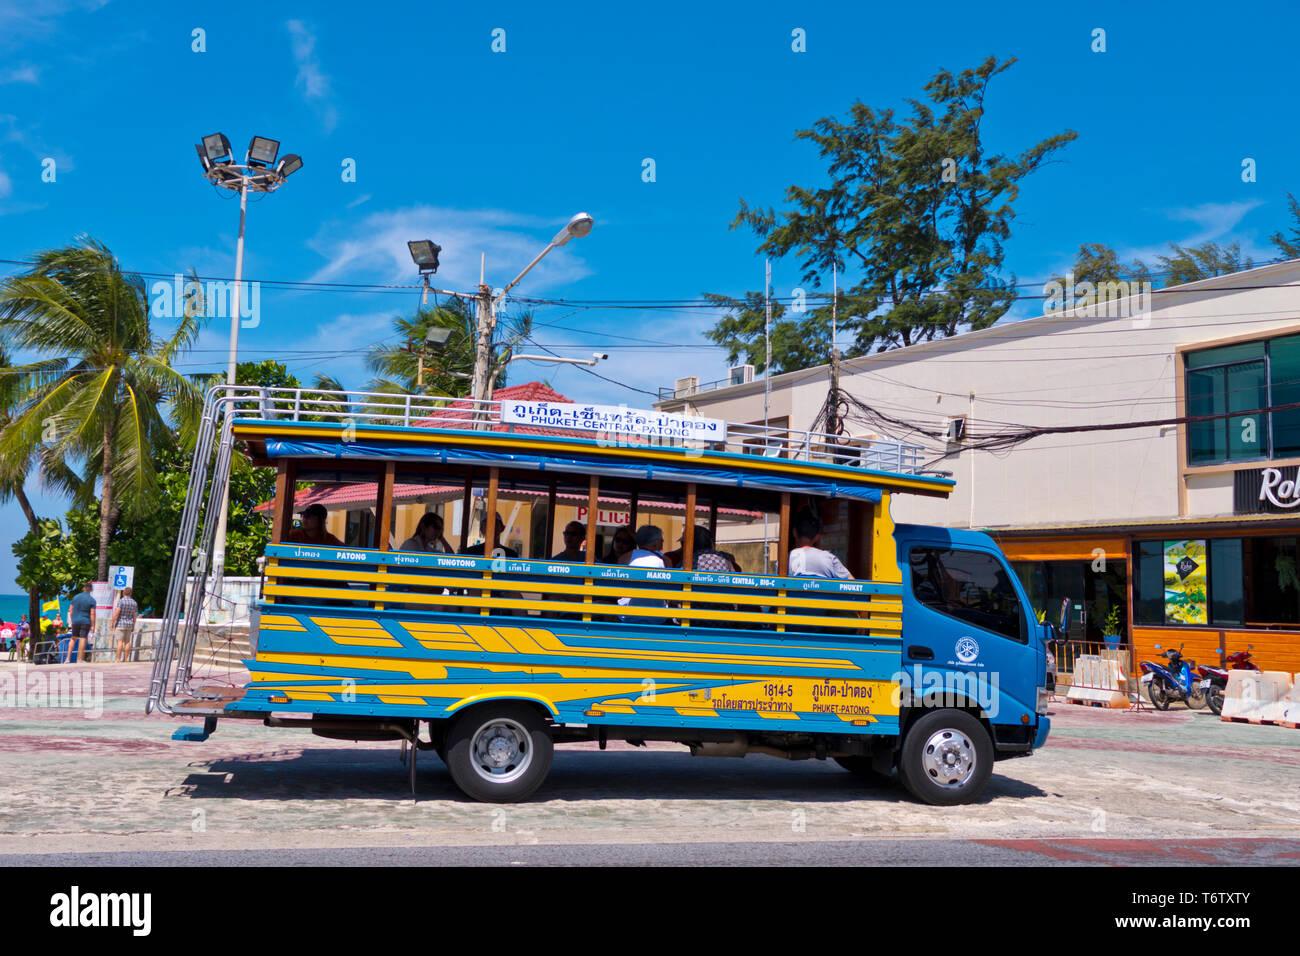 Phuket town-Patong bus, Beach Road, Thawewong Road, Patong, Phuket island, Thailand Stock Photo